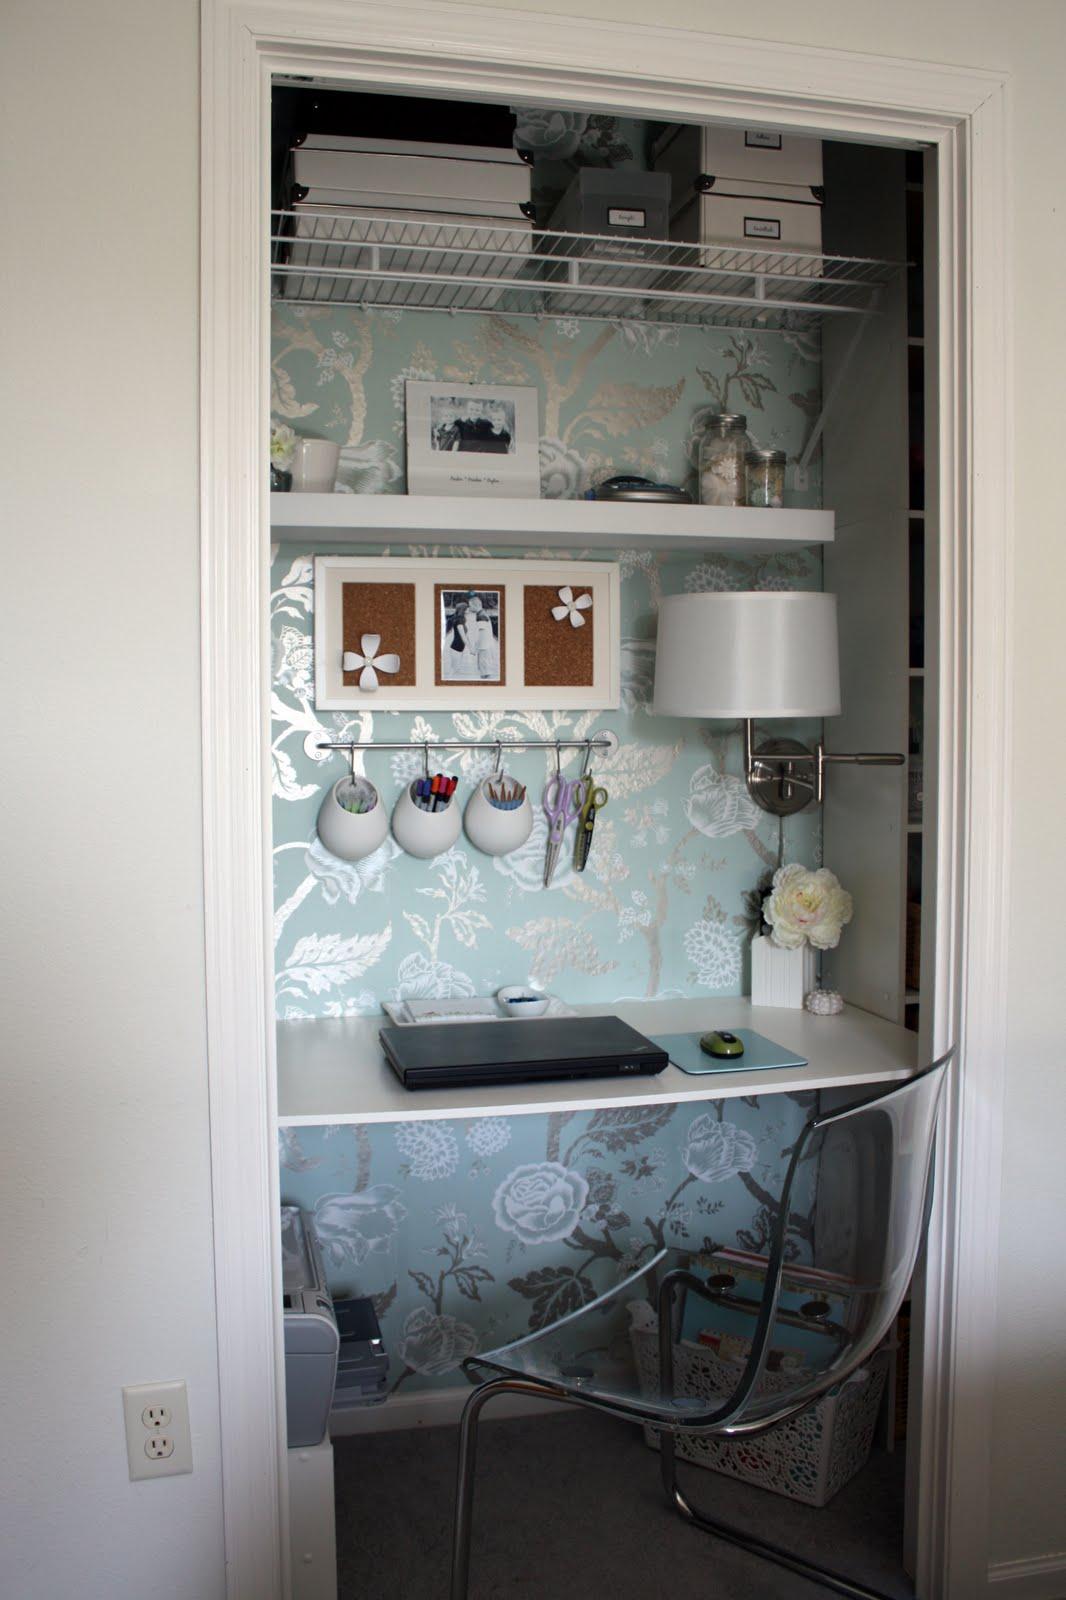 http://1.bp.blogspot.com/-B4ef3whgcHk/UGYhNZZZ2eI/AAAAAAAACNY/3TzqQDkZaoY/s1600/Closet+Office_Jennifer+Jones.jpeg